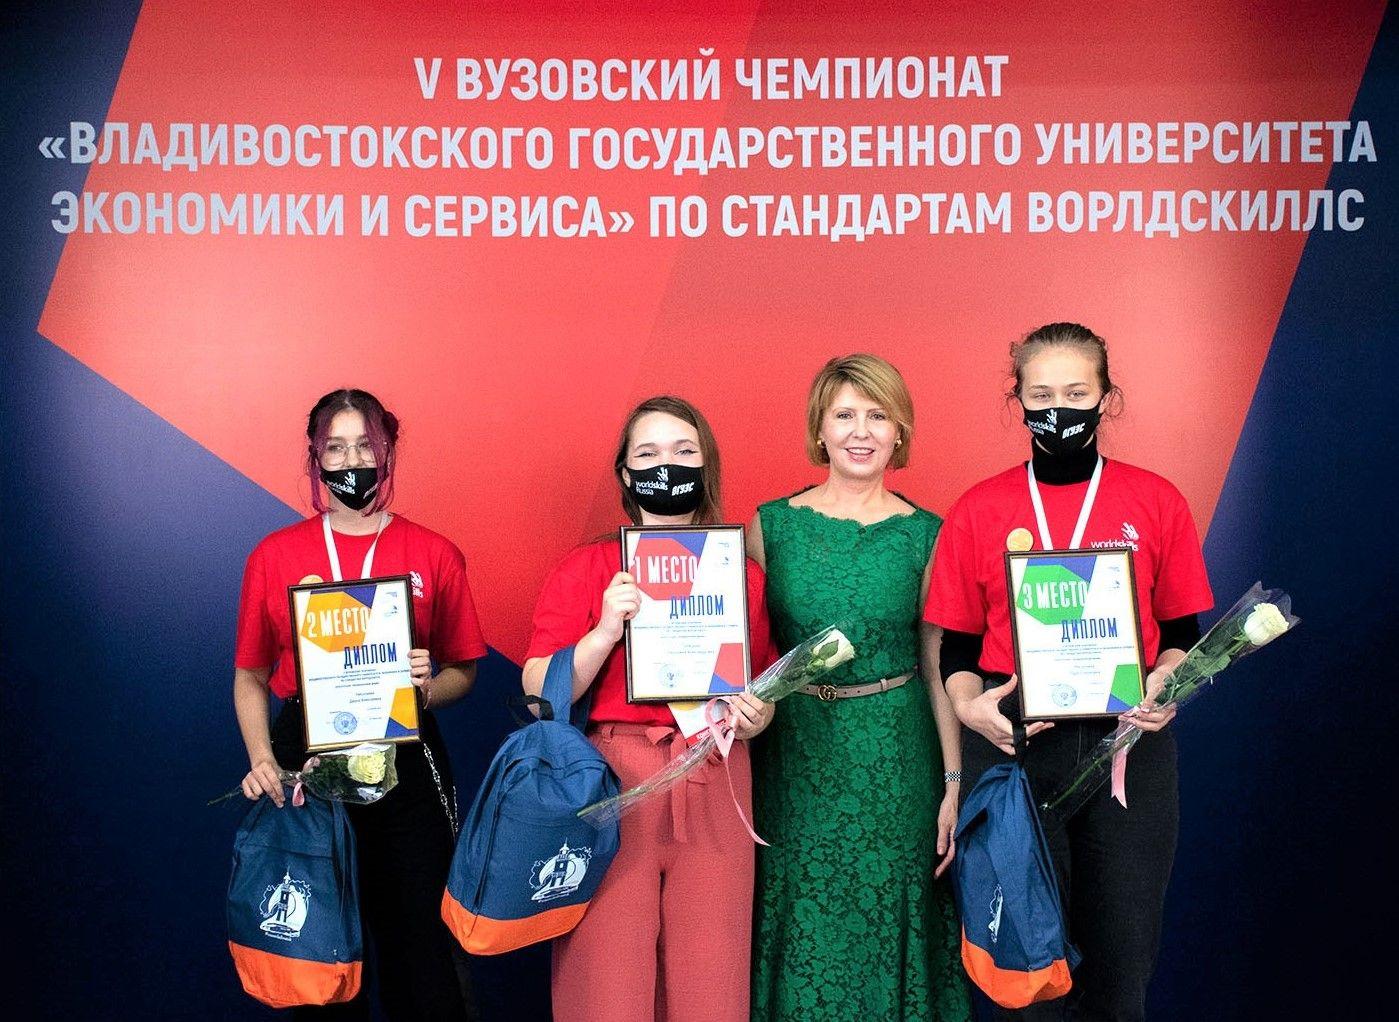 Успешный старт в карьере: во ВГУЭС прошла церемония закрытия V вузовского чемпионата по стандартам WorldSkills